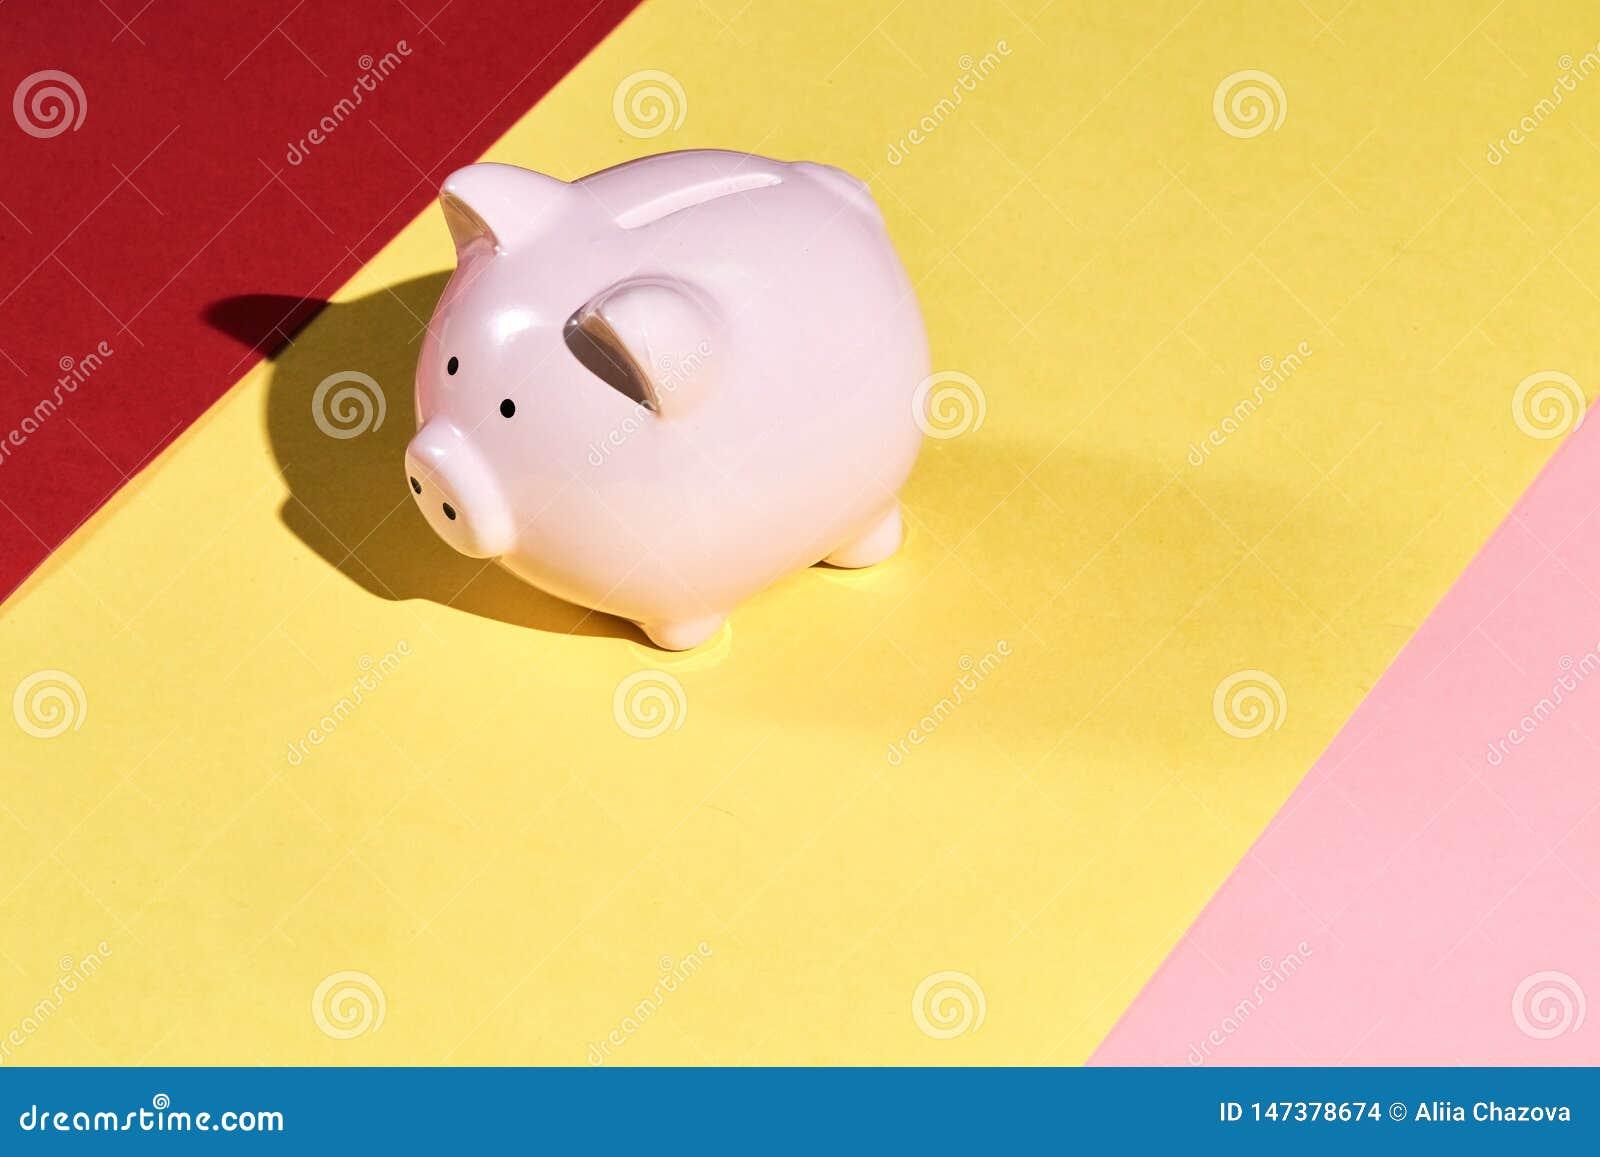 Mooi roze geïsoleerd spaarvarken op gele, roze en rode achtergrond